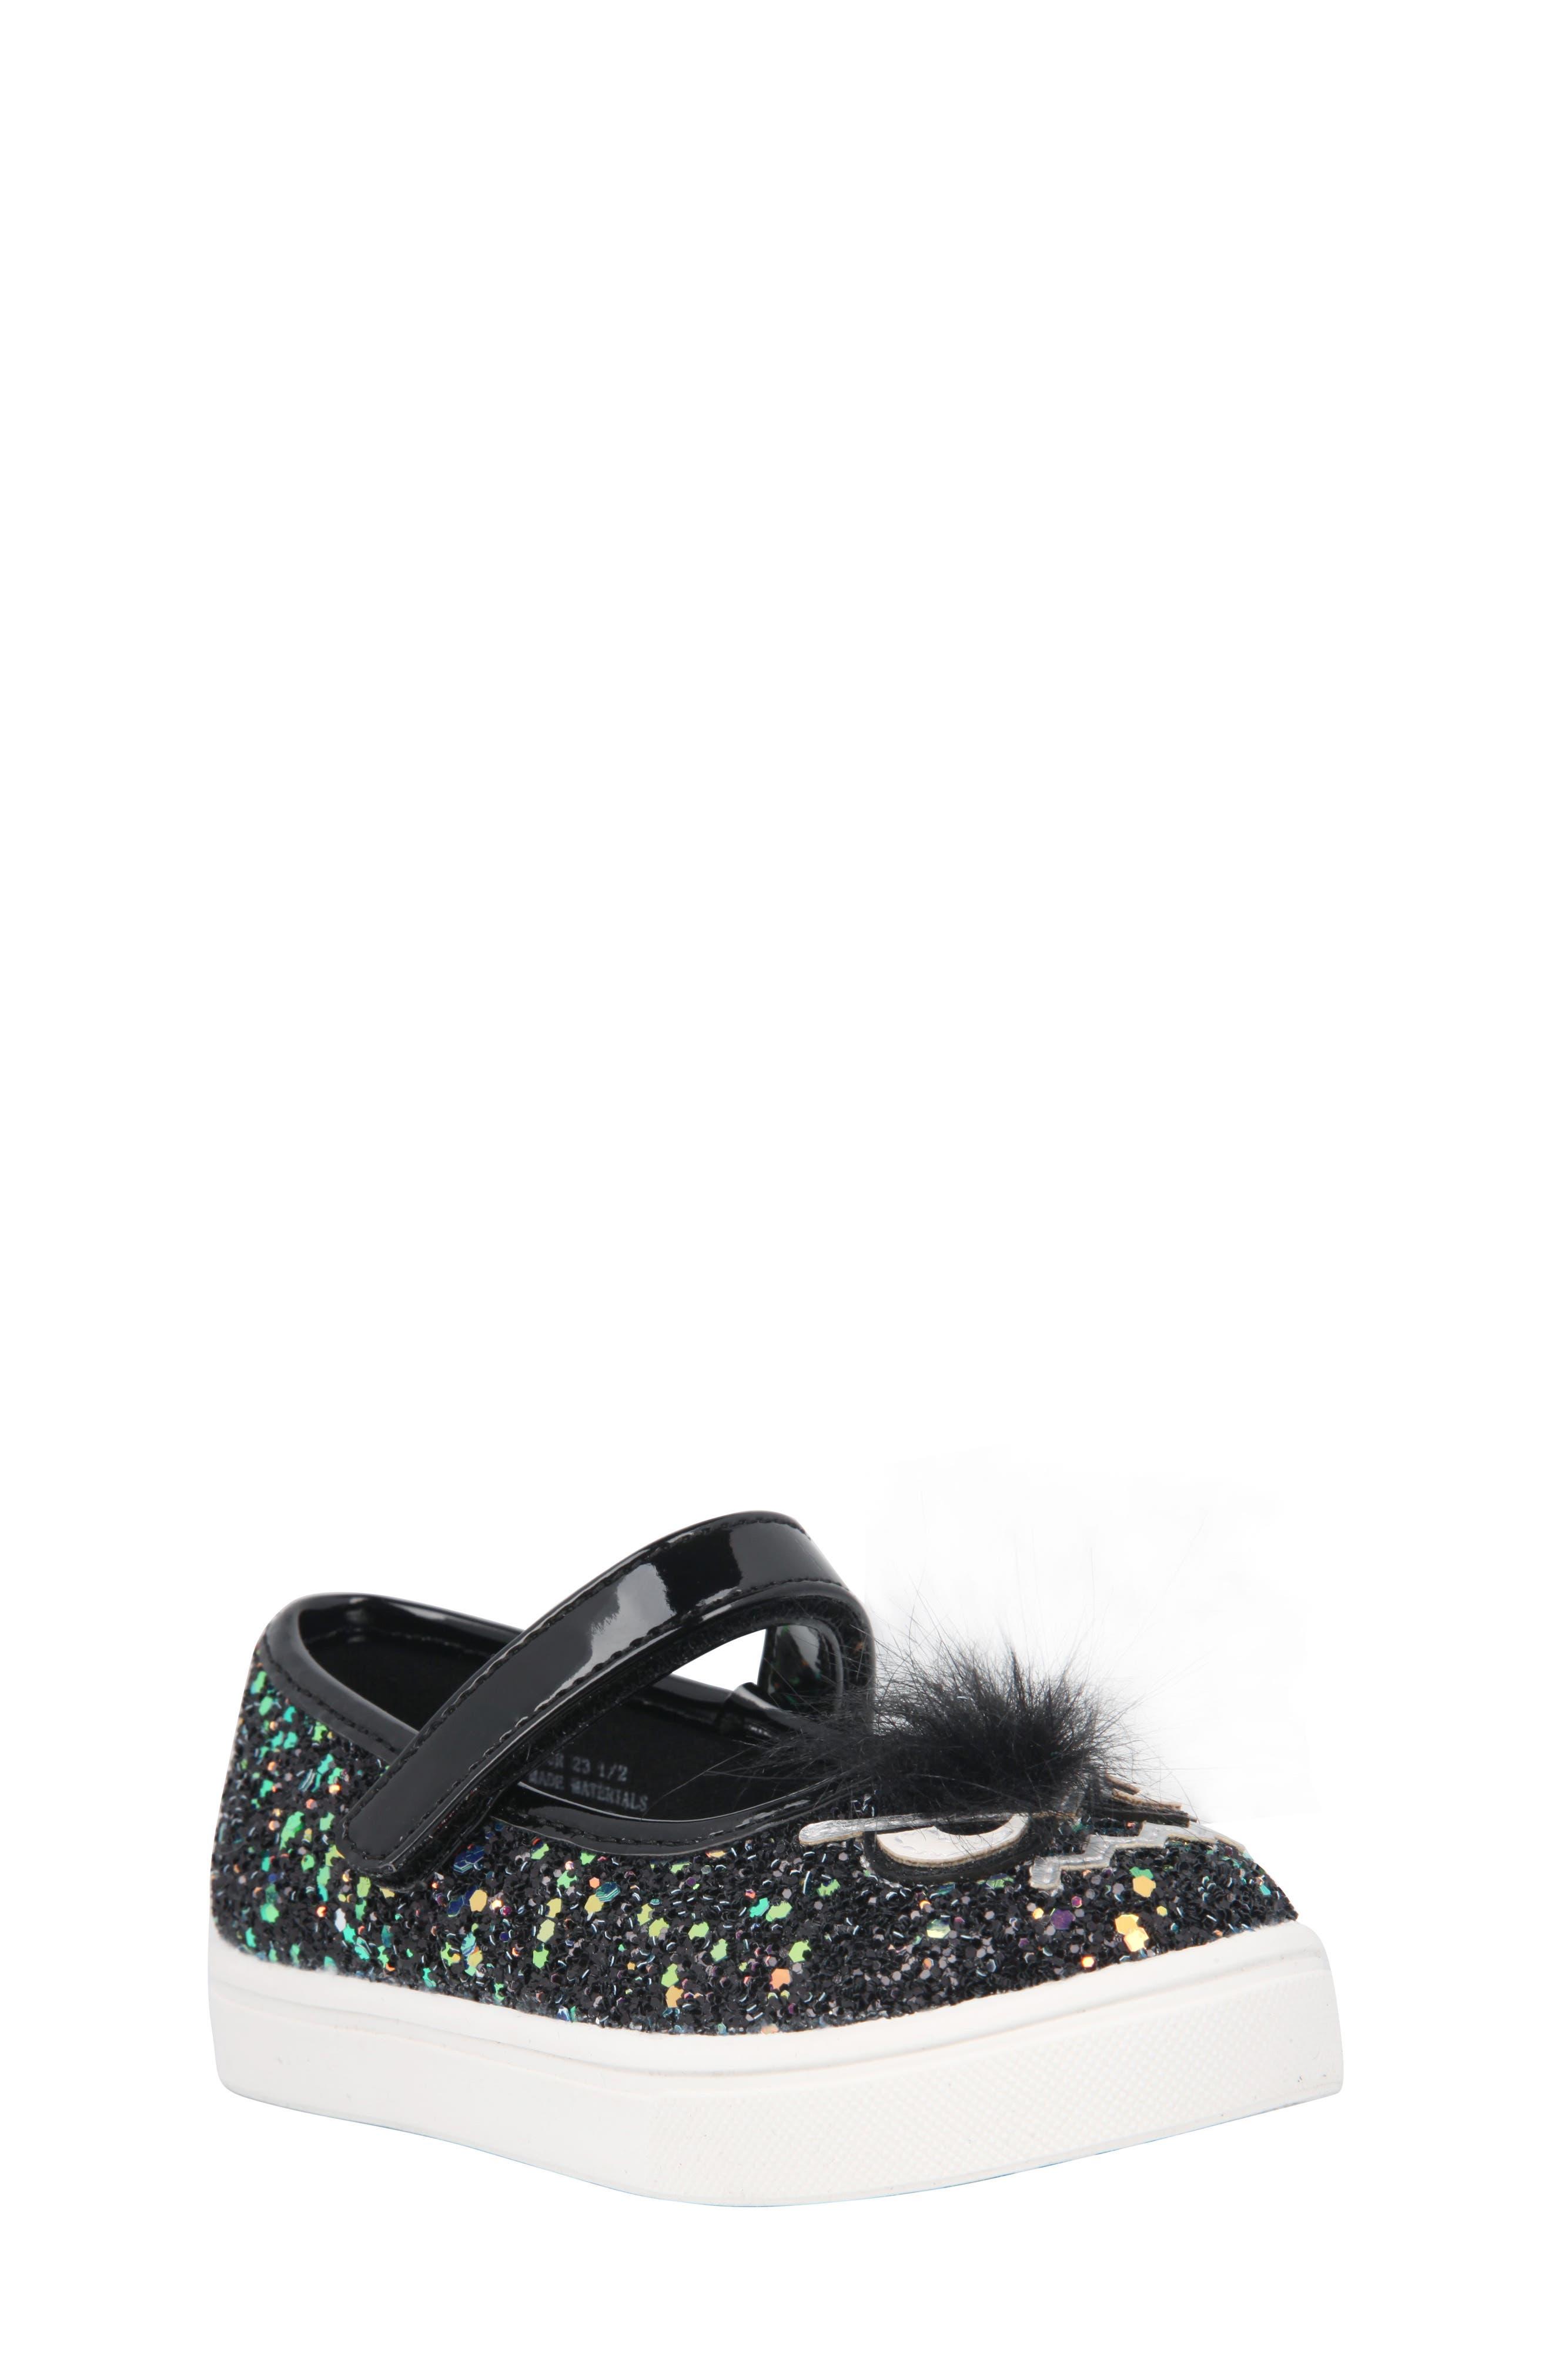 NINA Alyx Faux Fur Glittery Mary Jane Sneaker